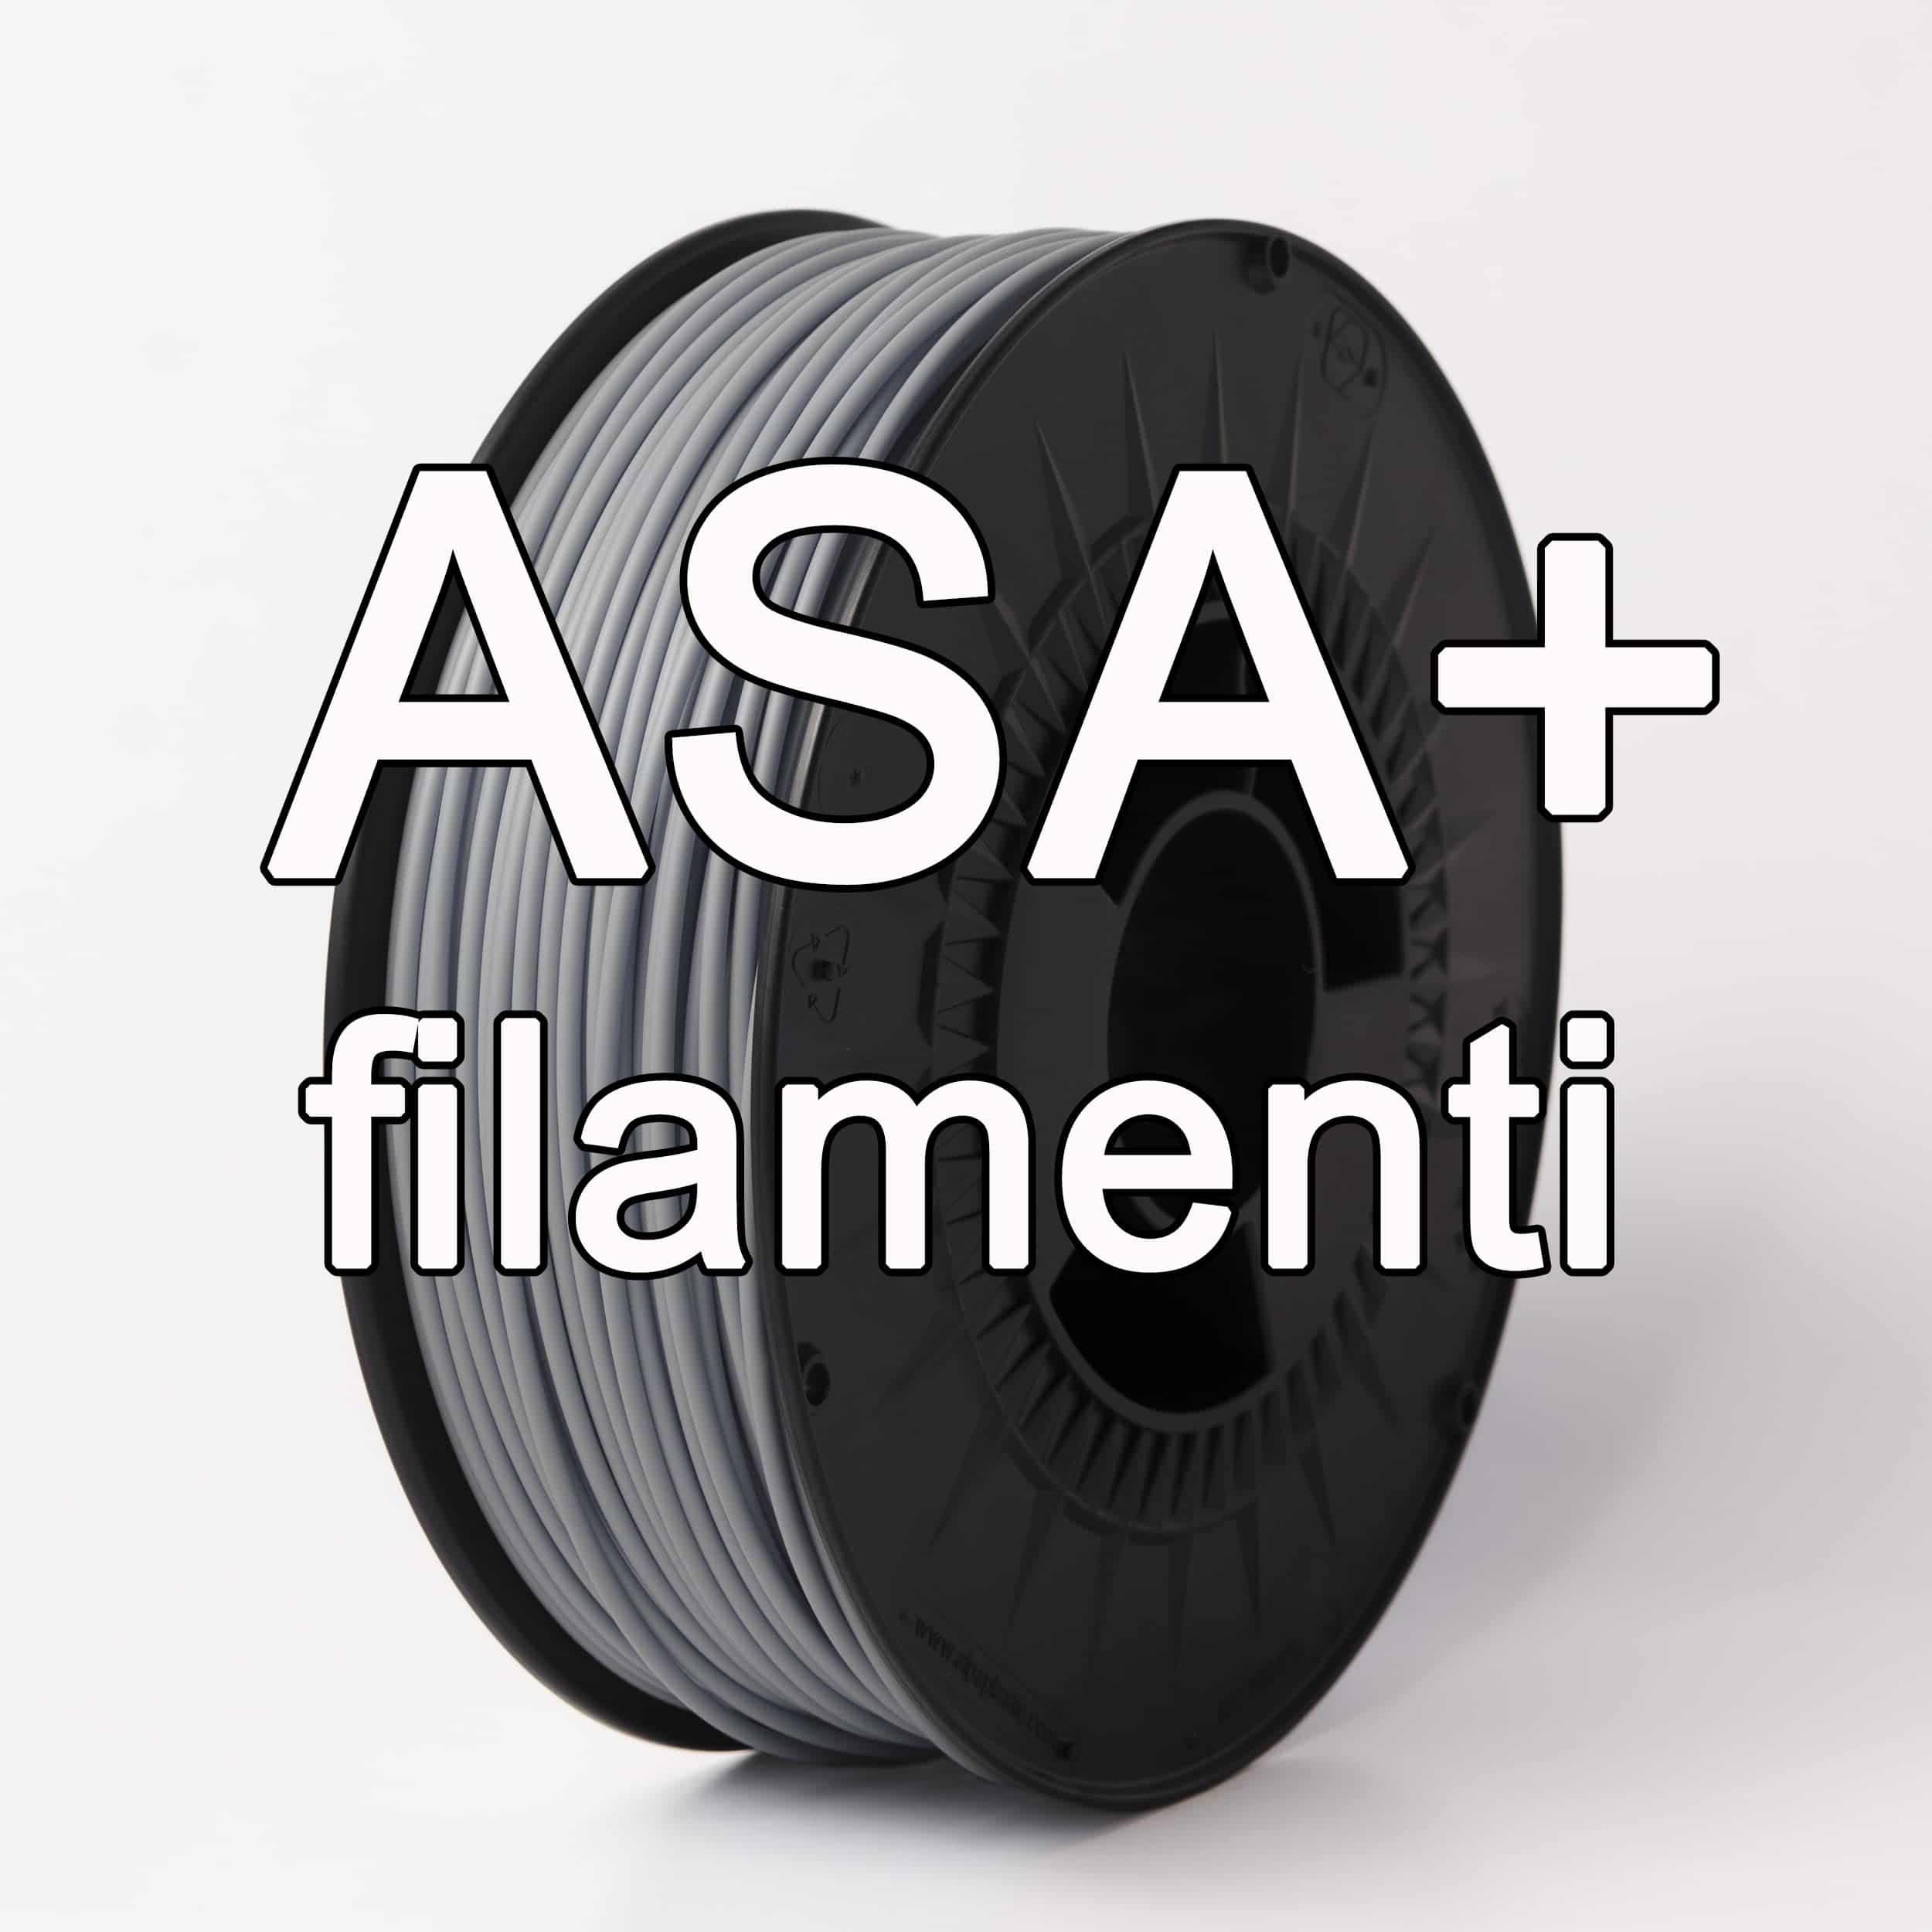 ASA PLUS filaments